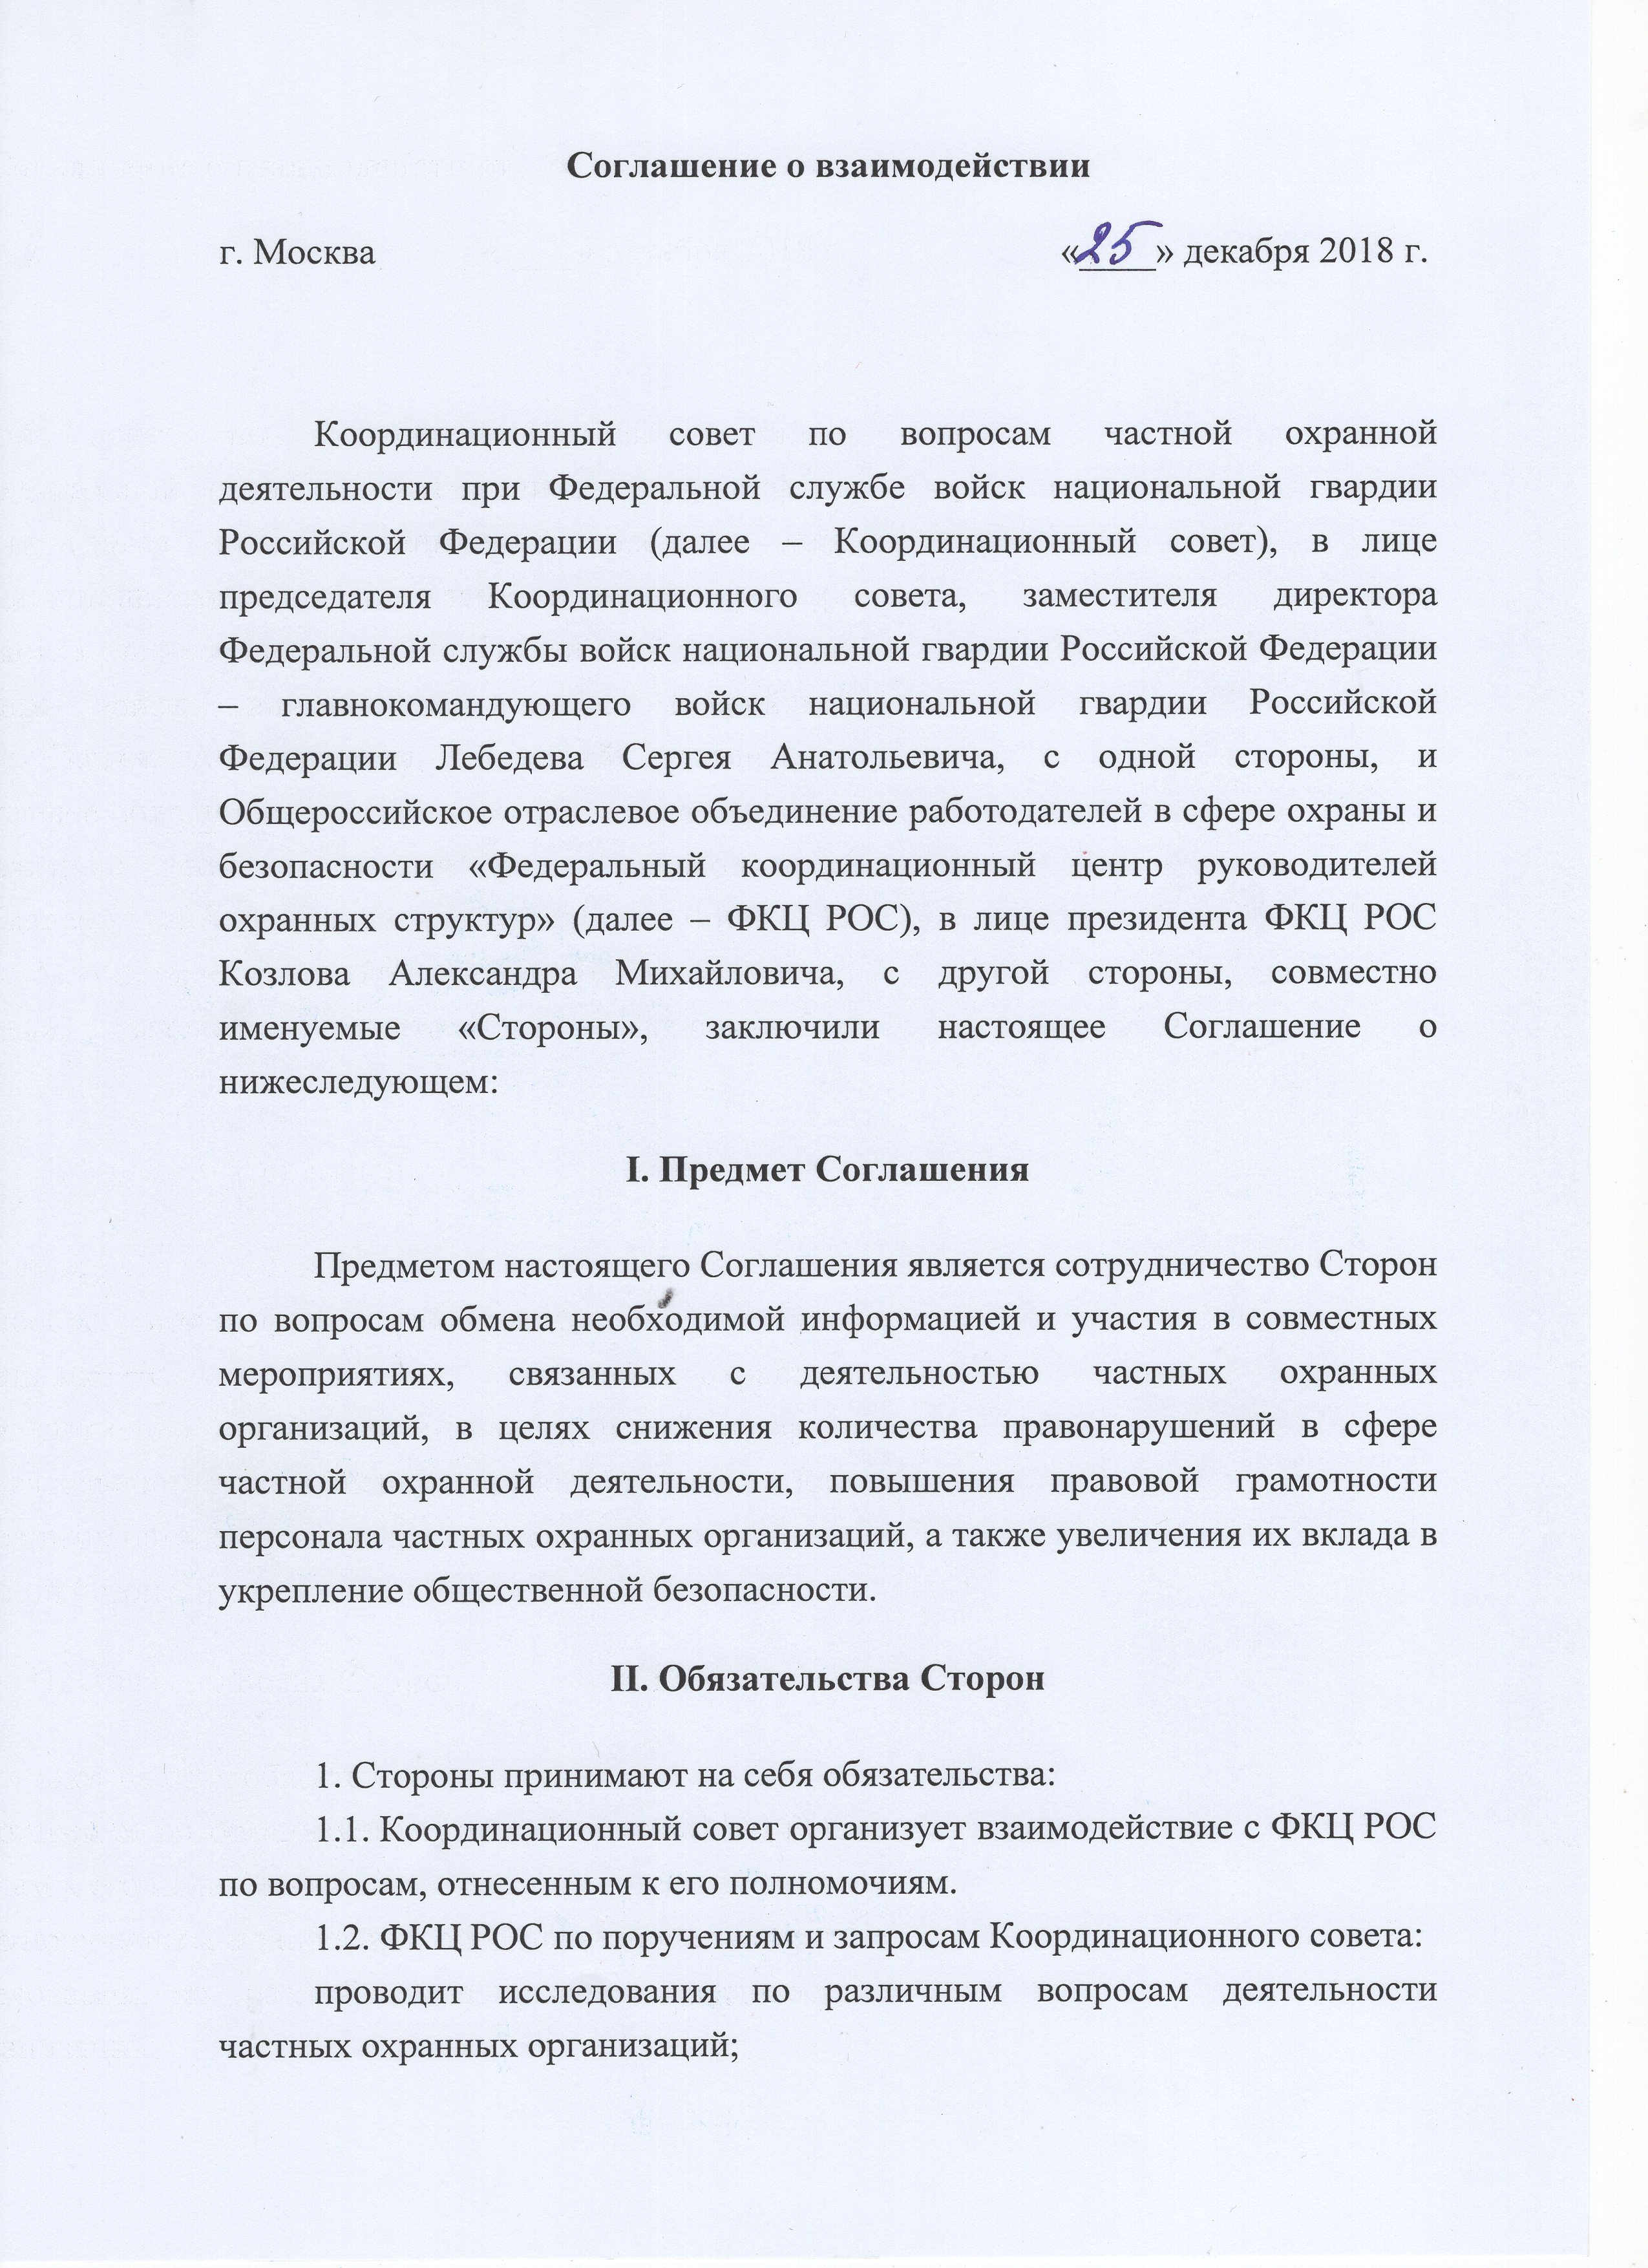 Подписано двухстороннее соглашение о взаимодействии между Координационным советом по вопросам частной охранной деятельности при Росгвардии и ФКЦ РОС | ГардИнфо